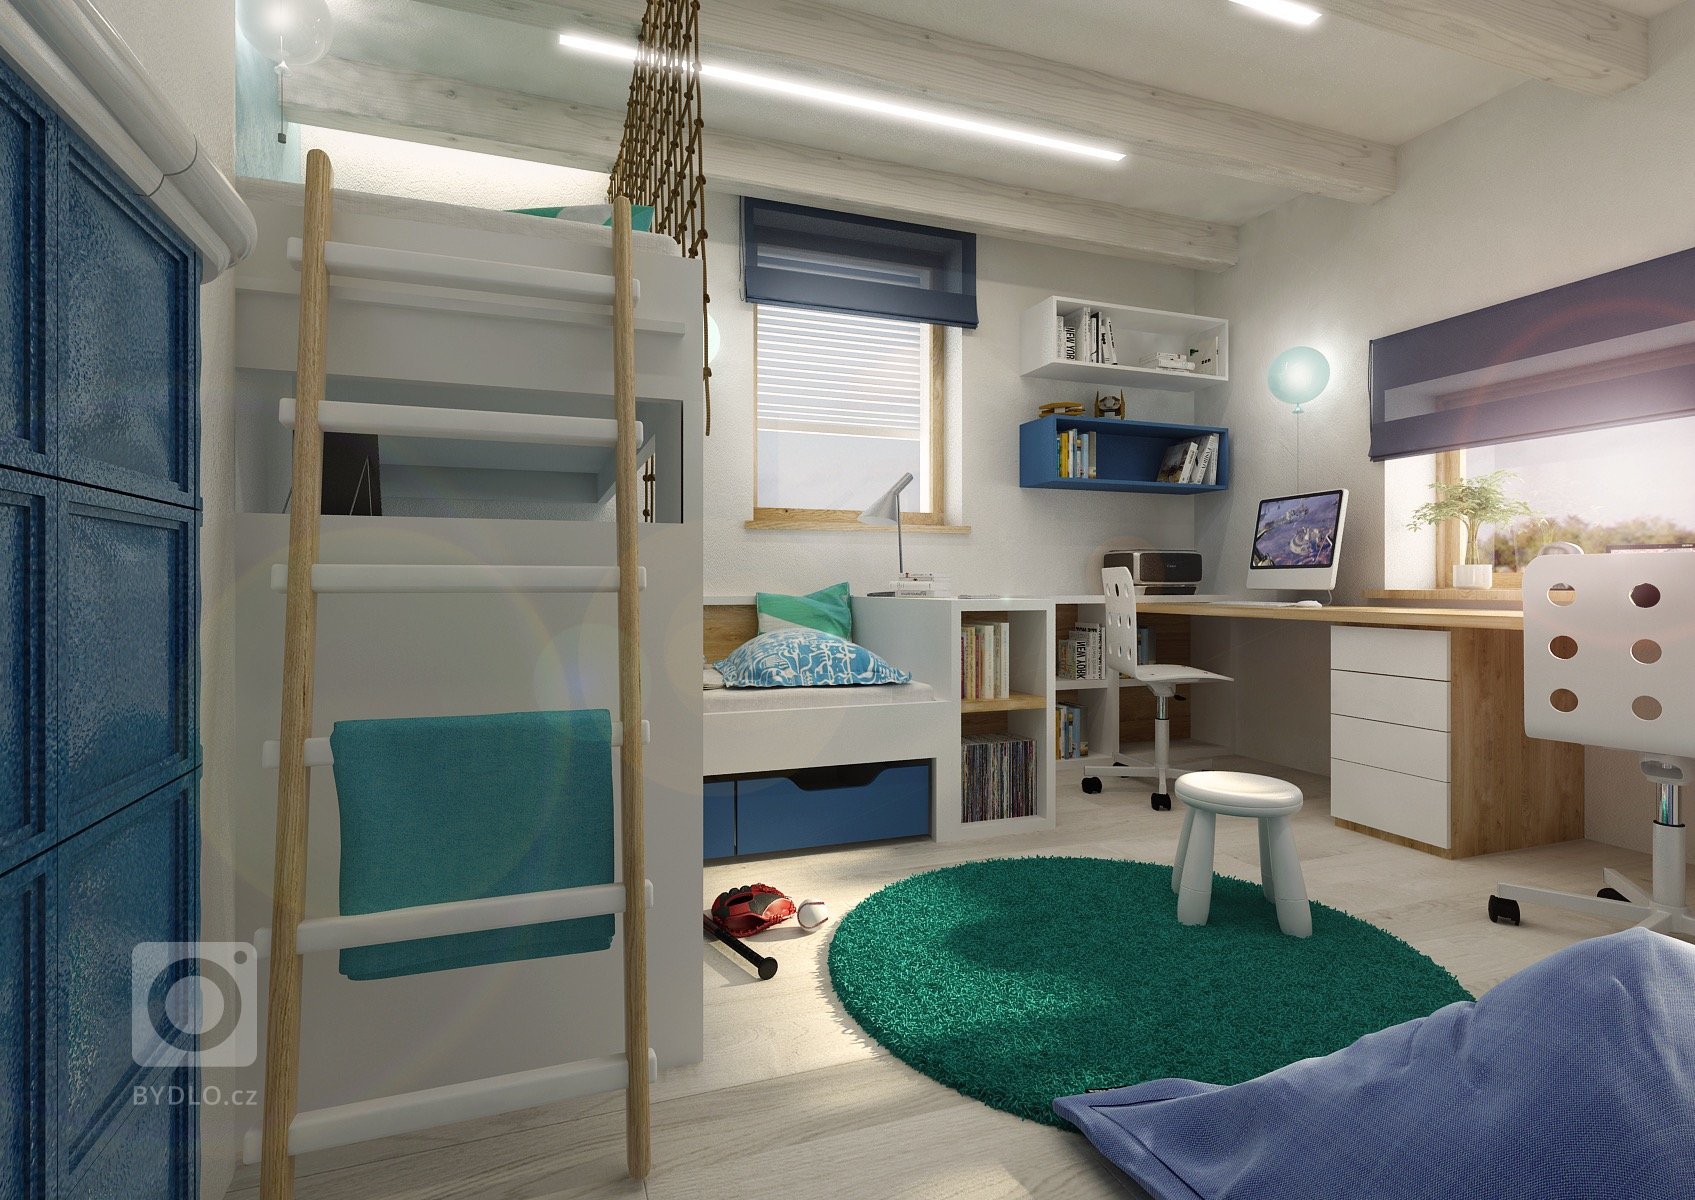 Návrh interiéru nízkoenergetické dřevostavby, kde jsou například stěny upraveny hliněnými omítkami, přiznané stropní smrkové trámy a kvytápění slouží…